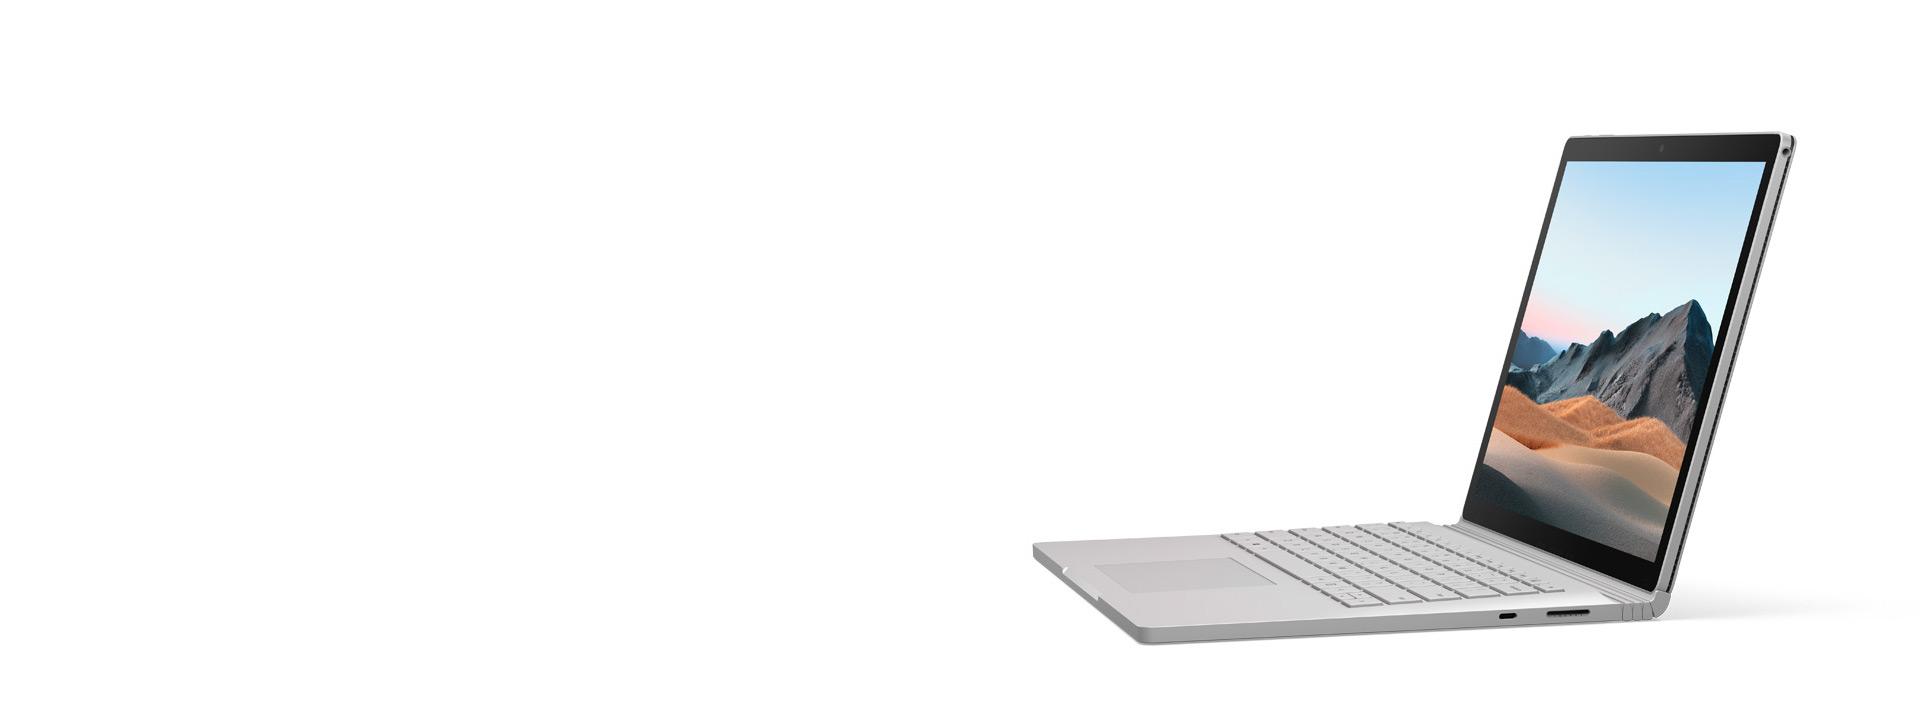 带 13.5 英寸 PixelSense™ 显示屏的 Surface Book 3